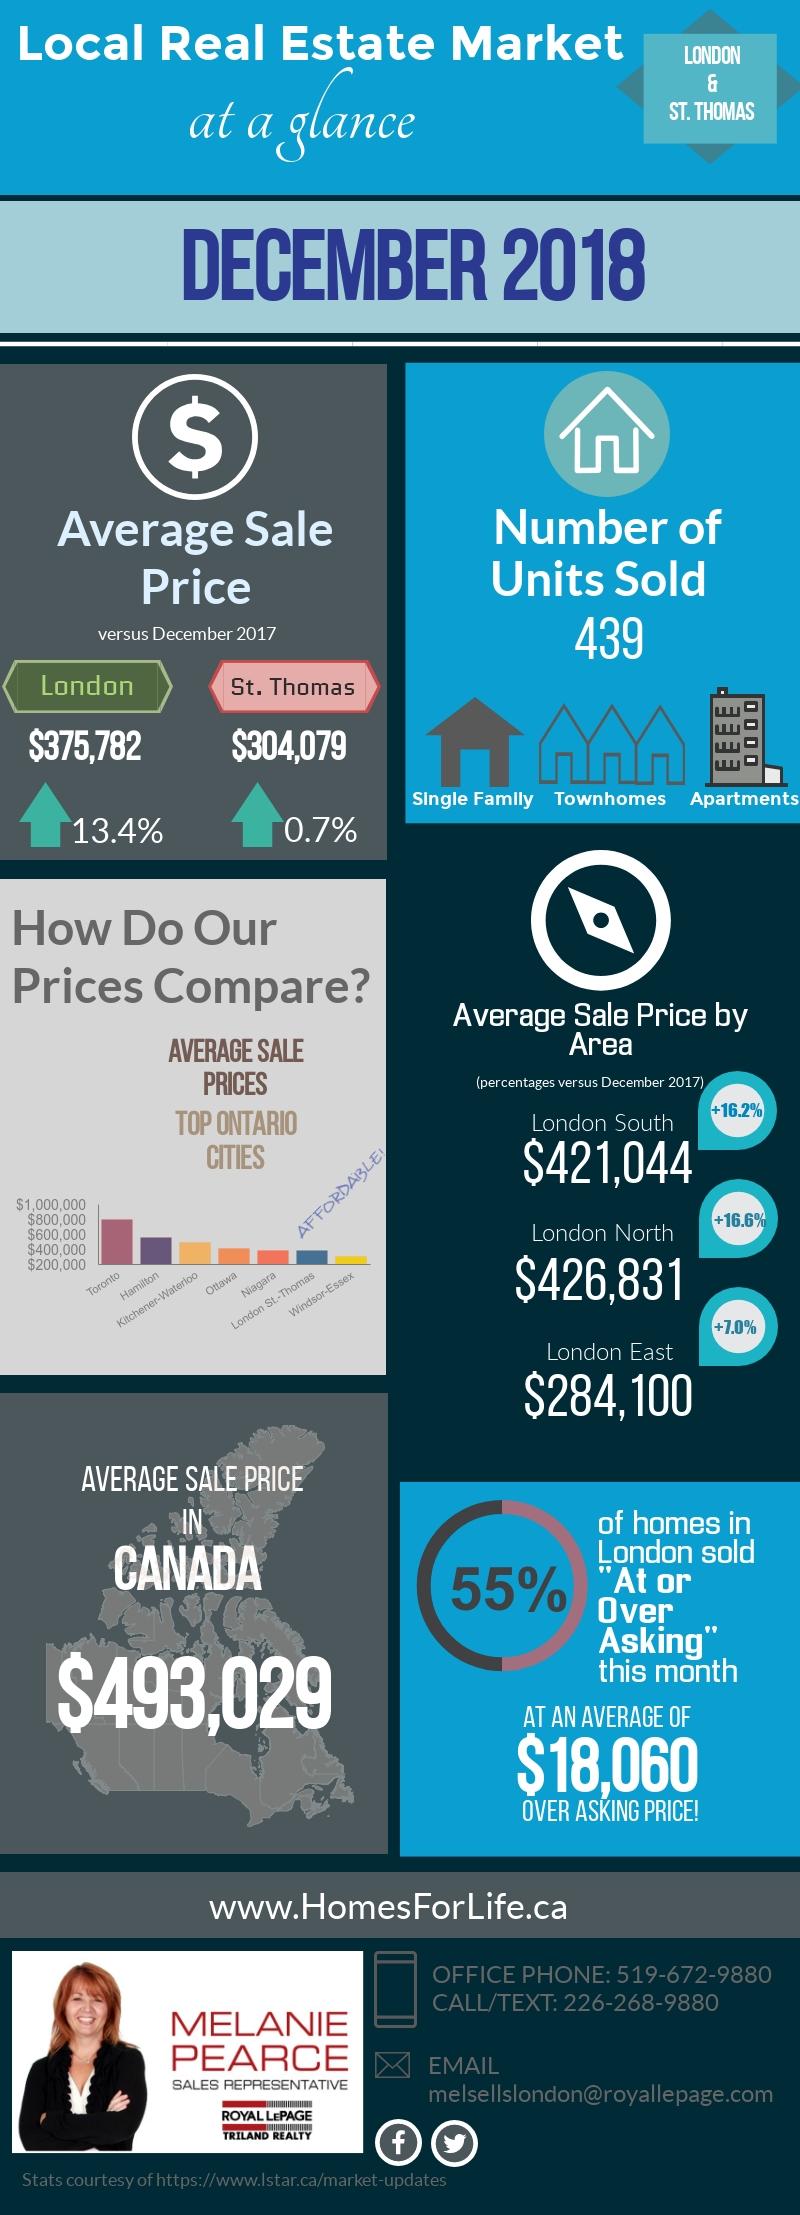 London-Ontario-Real-Estate-Market-Stats-DECEMBER 2018.jpg